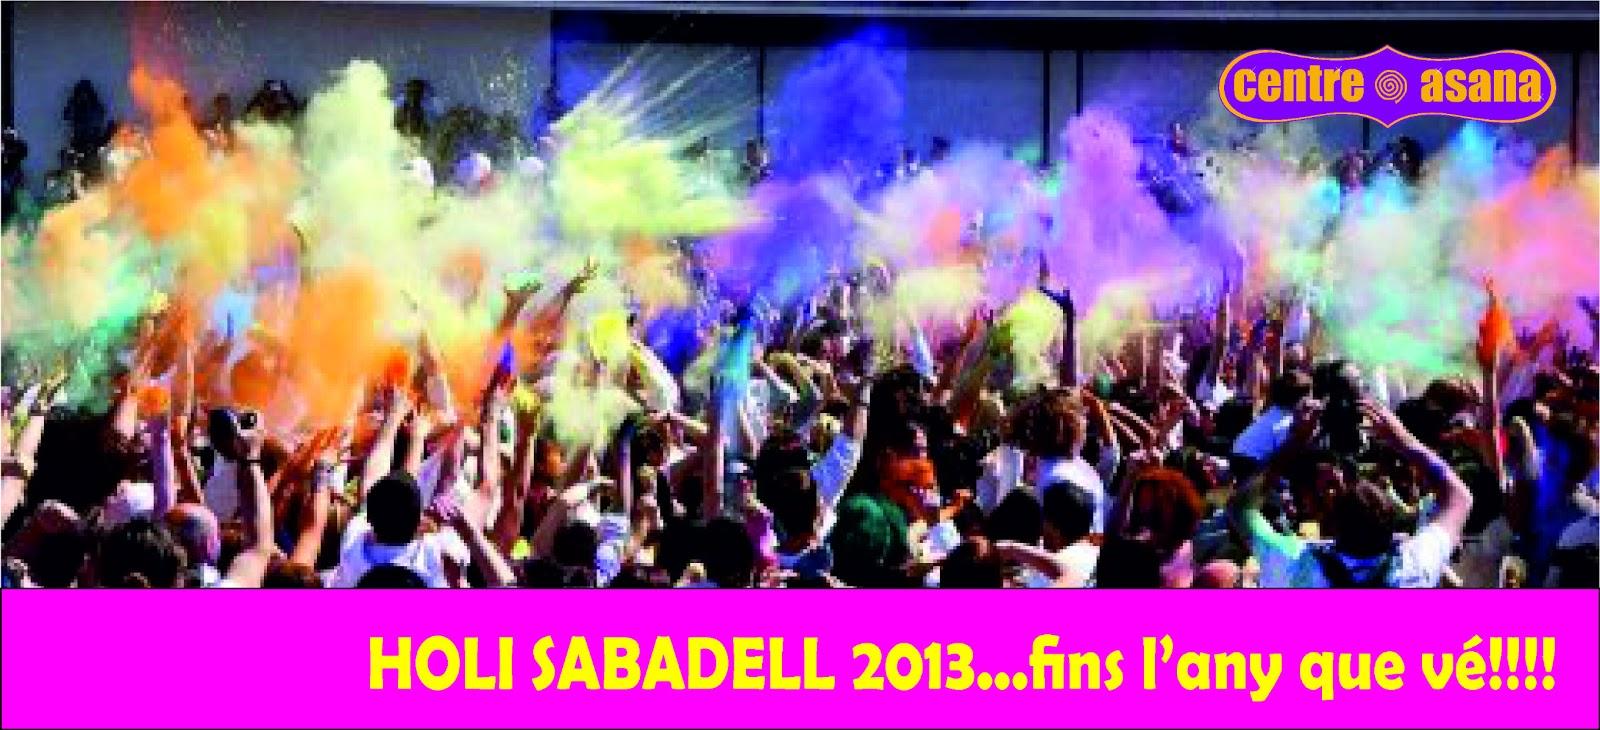 holi sabadell barcelona 2016 la millor festa de holi